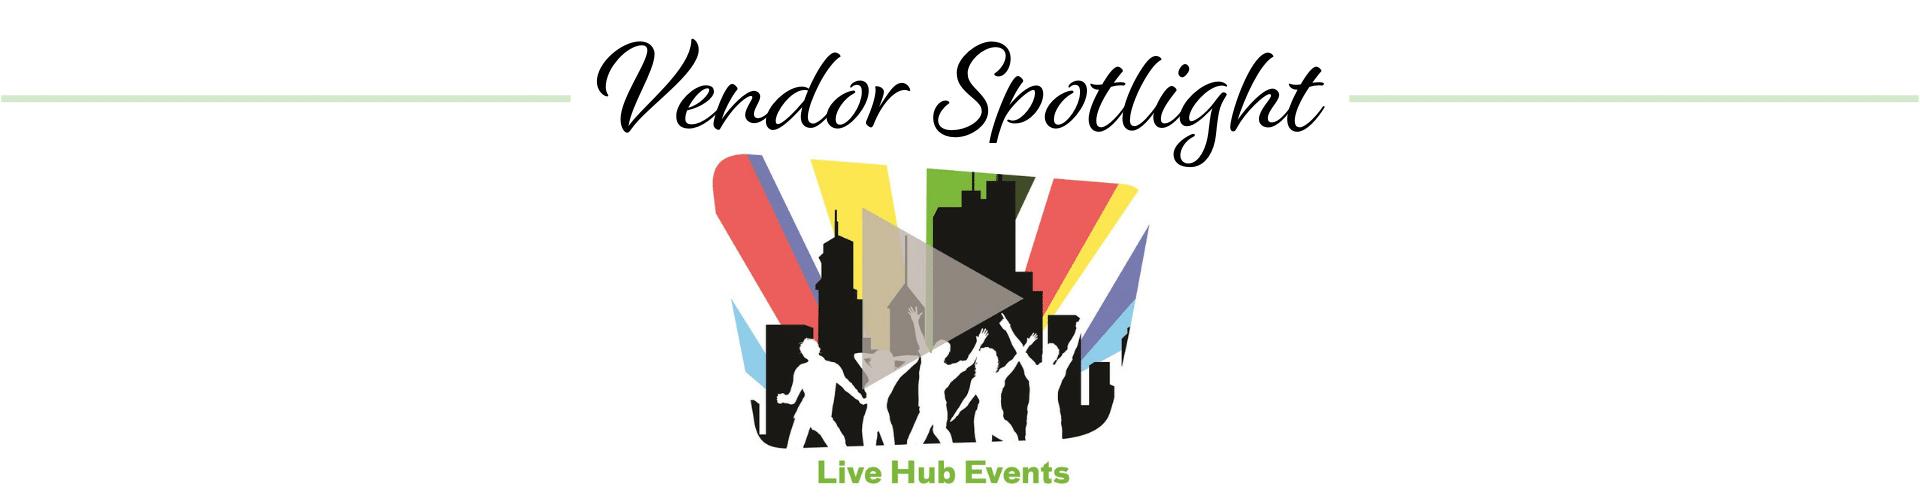 Live Hub Events